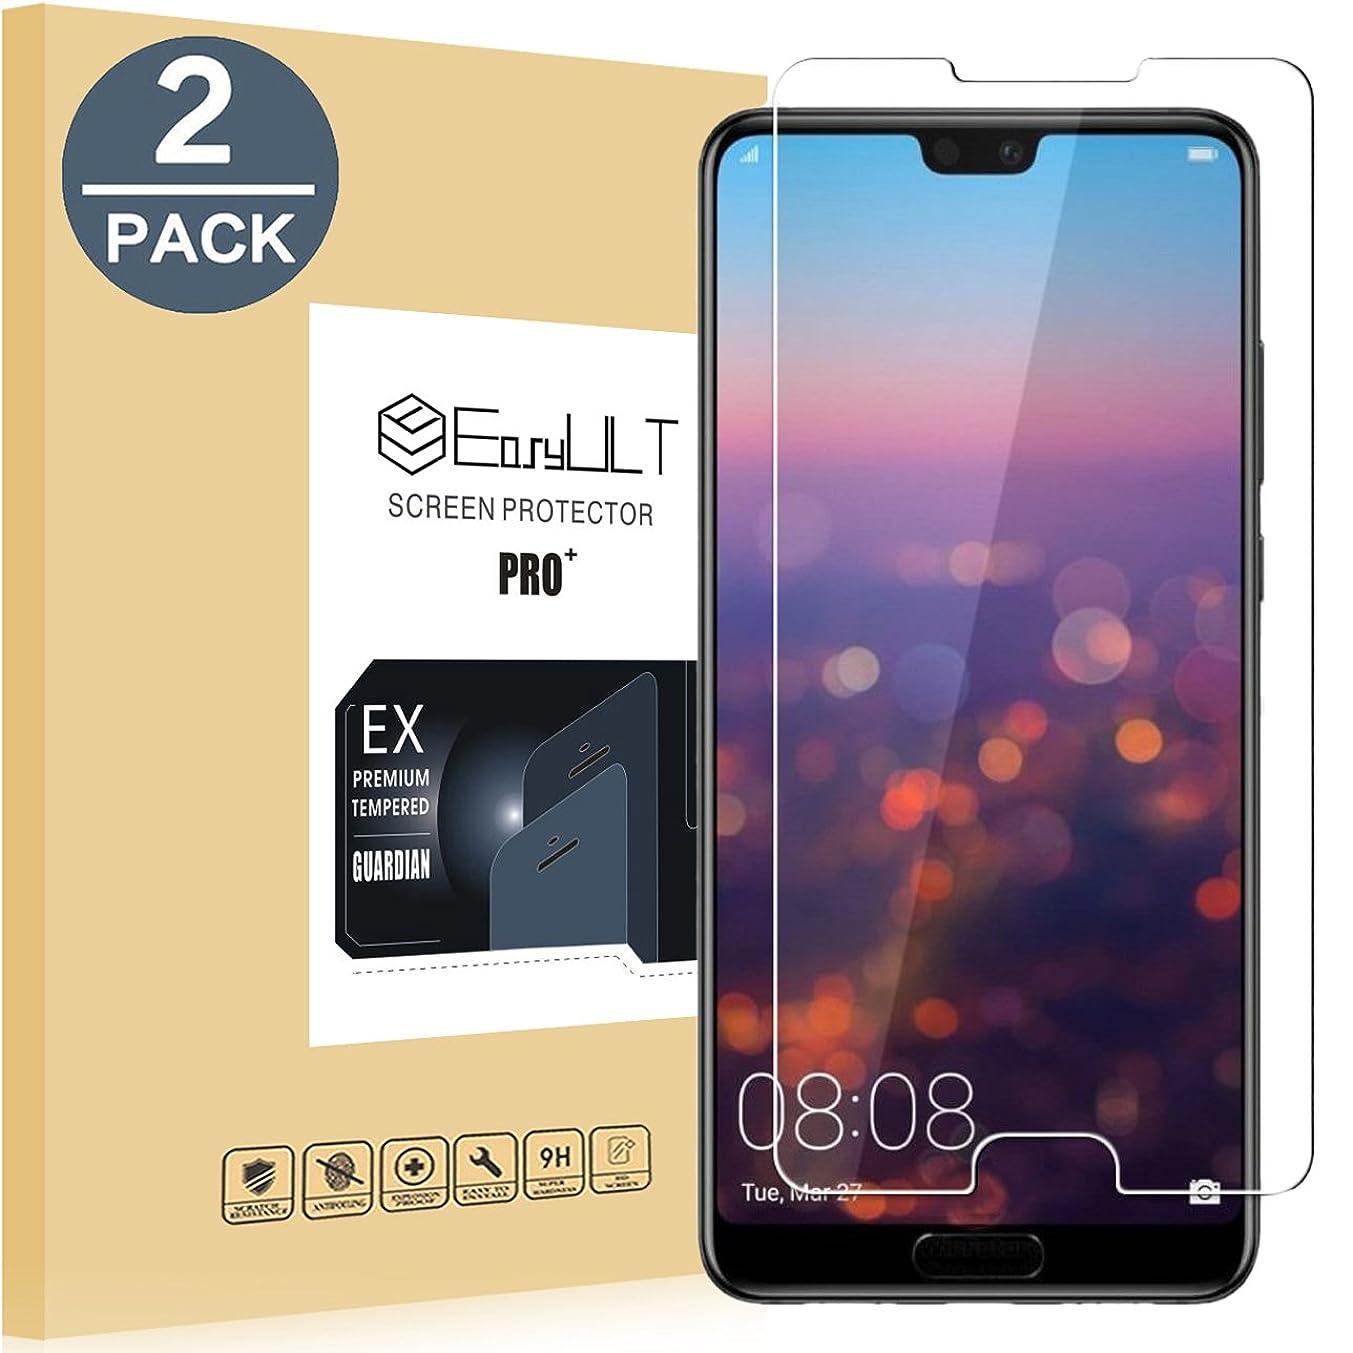 メタン過ち硬化する【2枚入り】Huawei P20 用 強化ガラス液晶保護フィルム (硬度 9H,Glass) 耐指紋 耐衝撃 耐久性 撥油性 柔軟性 高透過率 超薄 HD画面-EasyULT